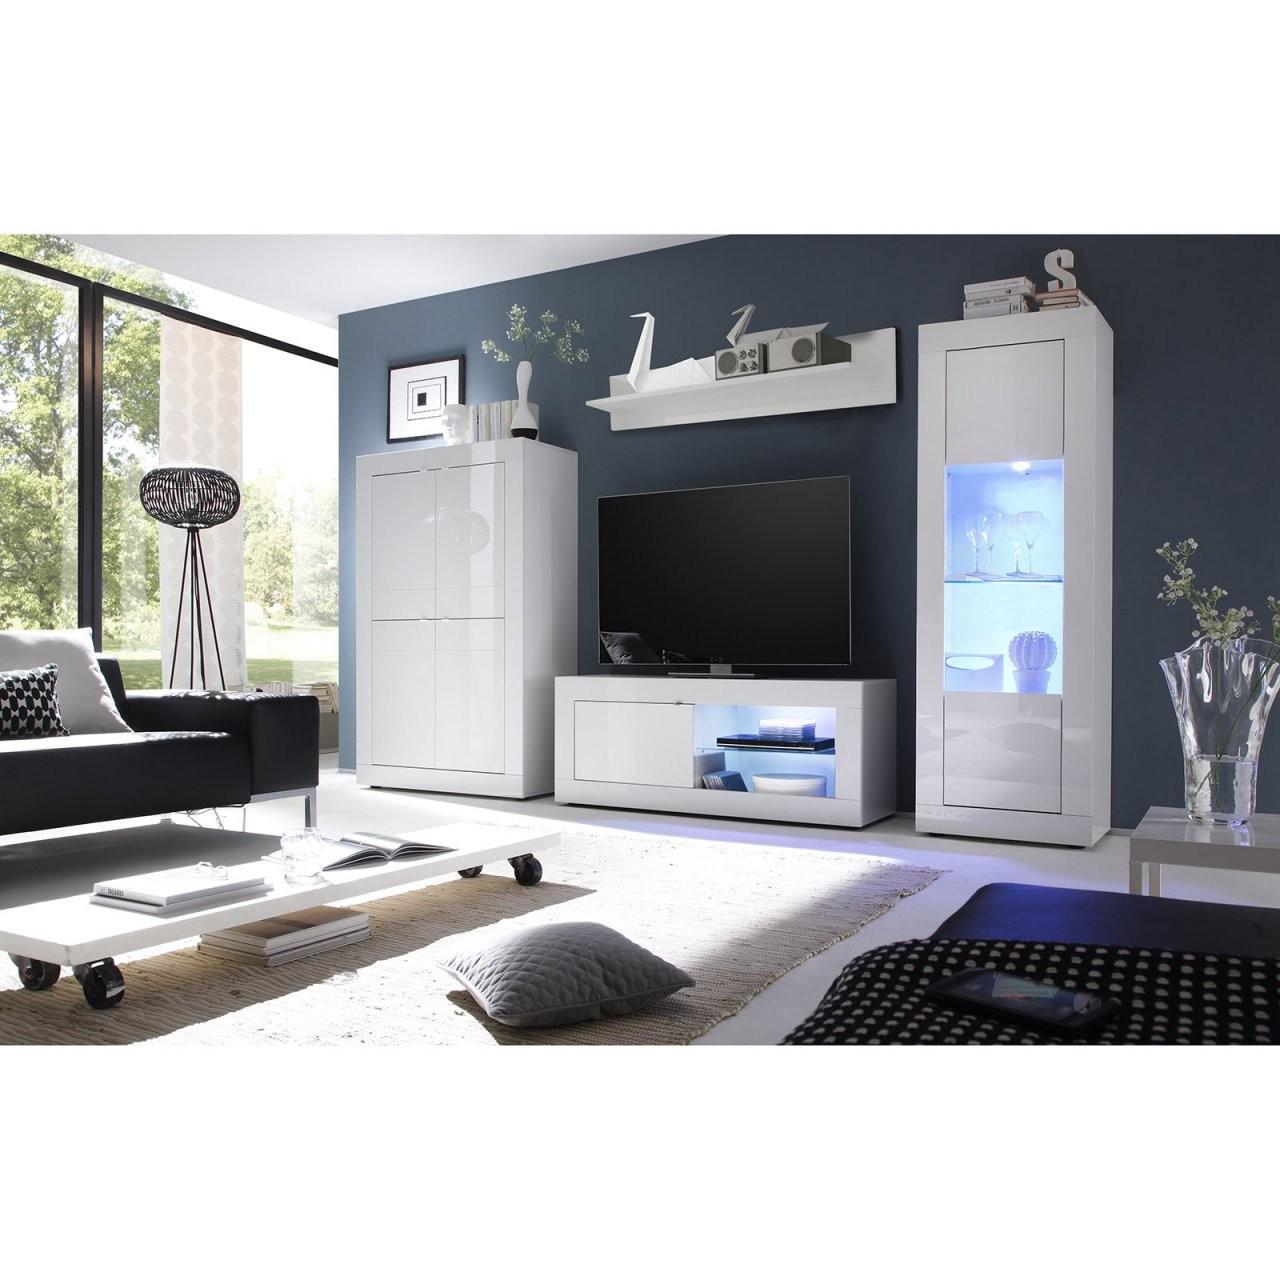 Vitrine Basic  Weiß Hochglanz  61 Cm Breit  Online Bei Roller Kaufen von Roller Wohnwand Weiß Hochglanz Bild